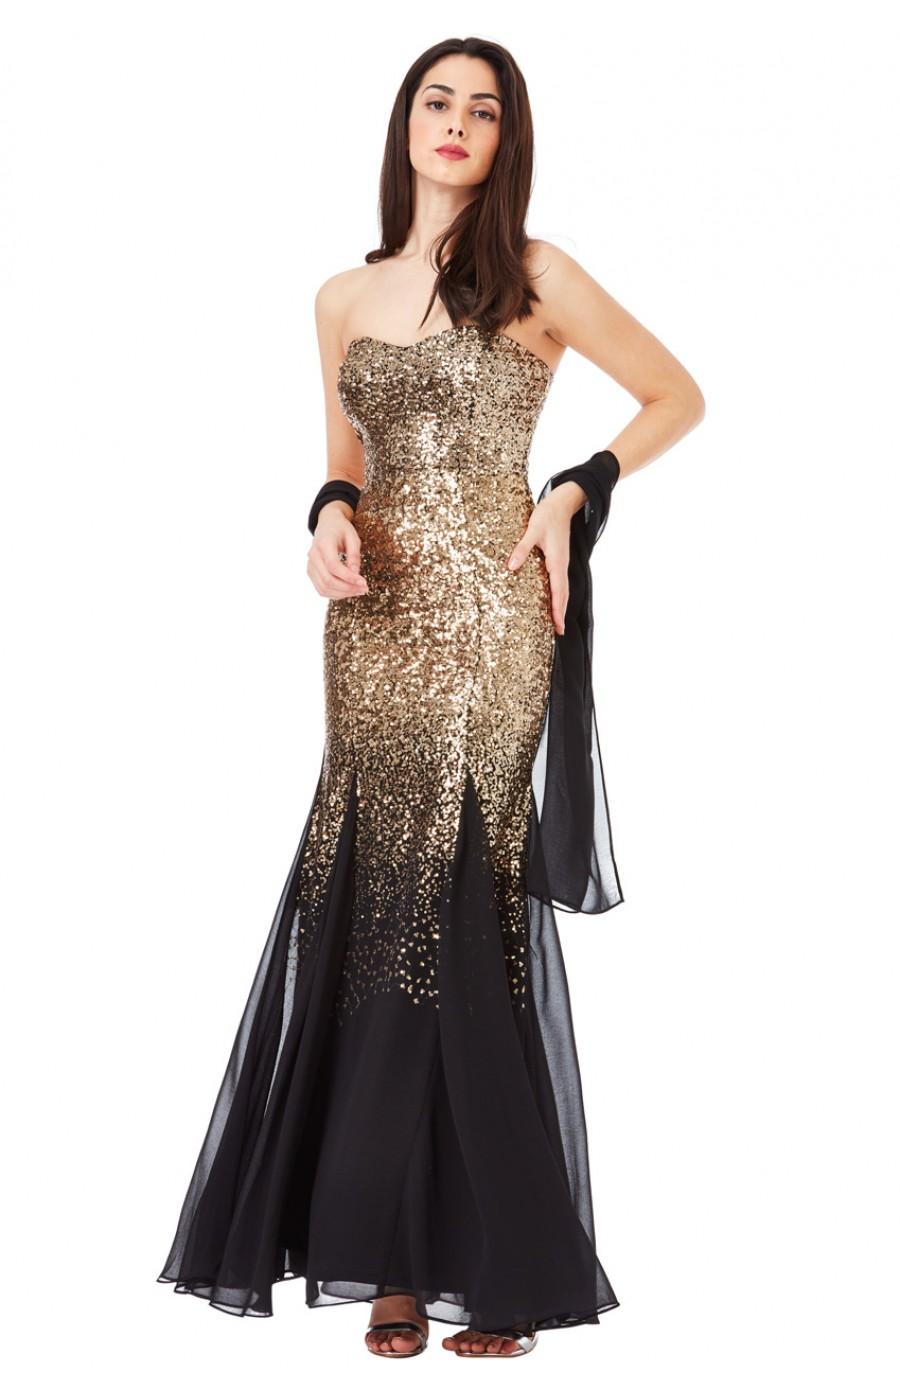 Χρυσό φόρεμα με παγιετες με τελείωμα μαύρο σιφόν